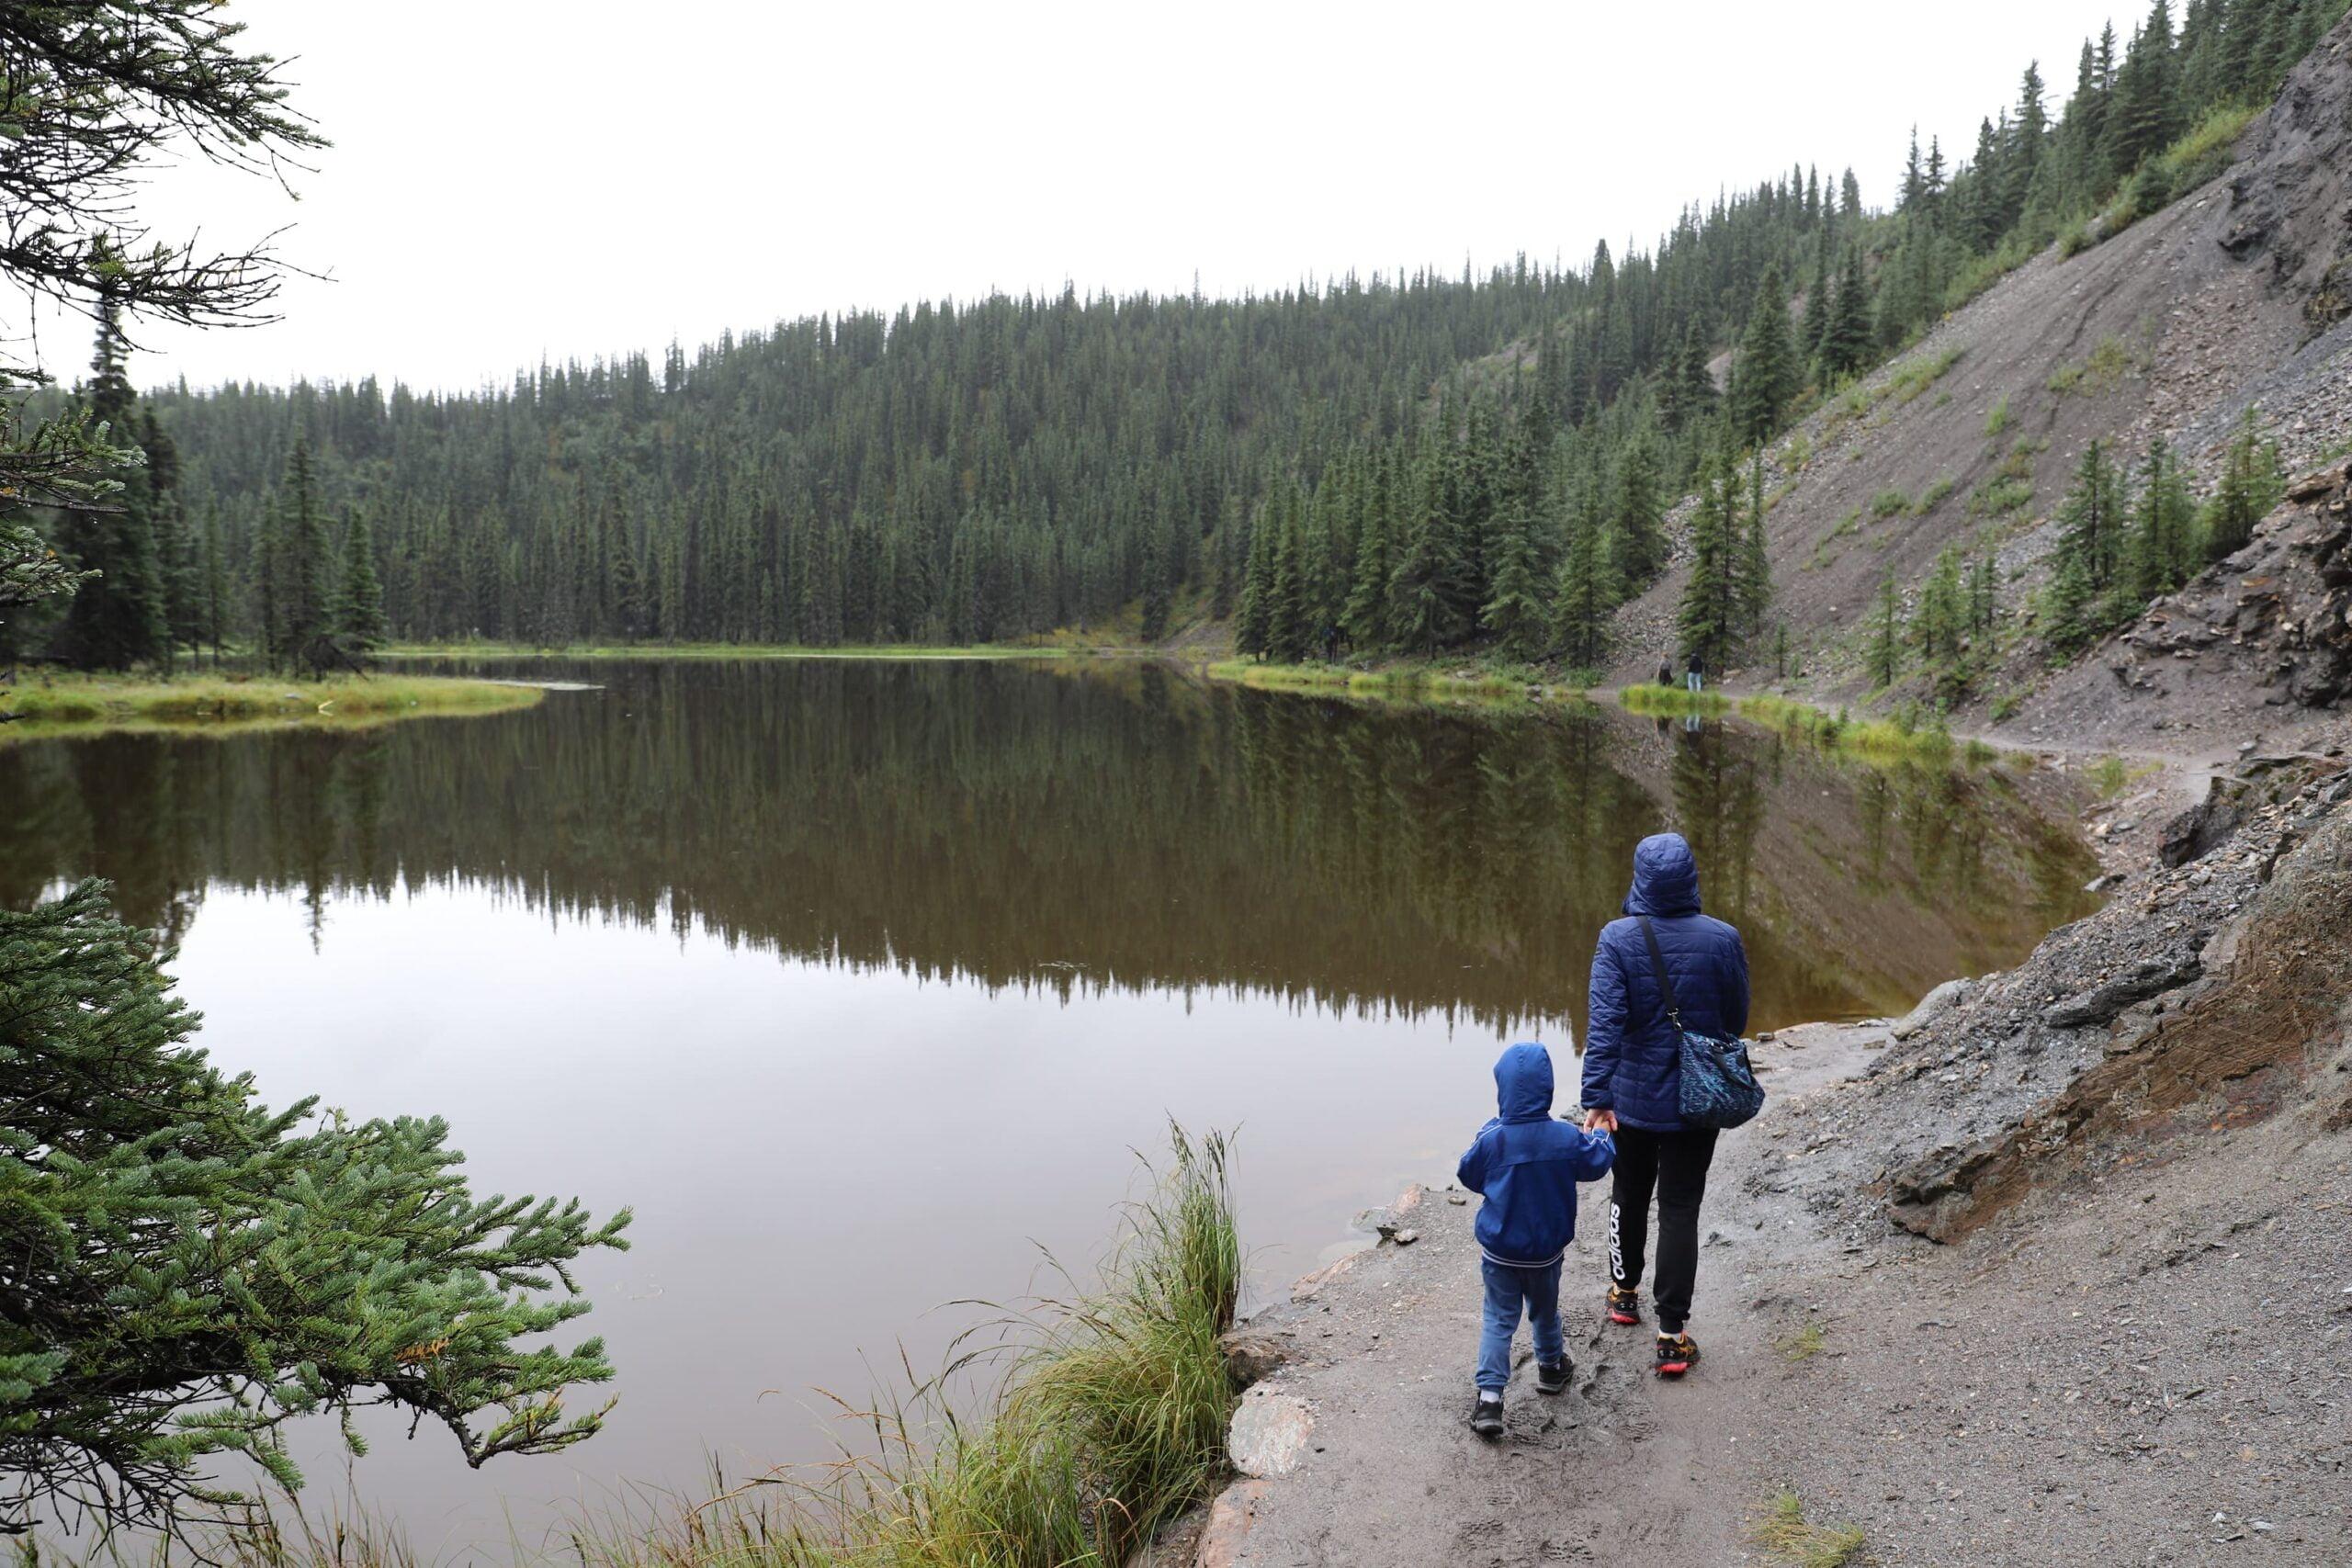 """Daniela e la sua famiglia hanno intrapreso un road trip meraviglioso in. Alaska. Il suo consiglio: """" I prezzi in Alaska sono molto elevati, noi abbiamo dormito spesso in ostelli, campeggi, piccoli cottage. Quasi sempre con il bagno in comune. Una soluzione che spesso spaventa chi viaggia con bambini, ma noi non abbiamo mai avuto problemi."""""""